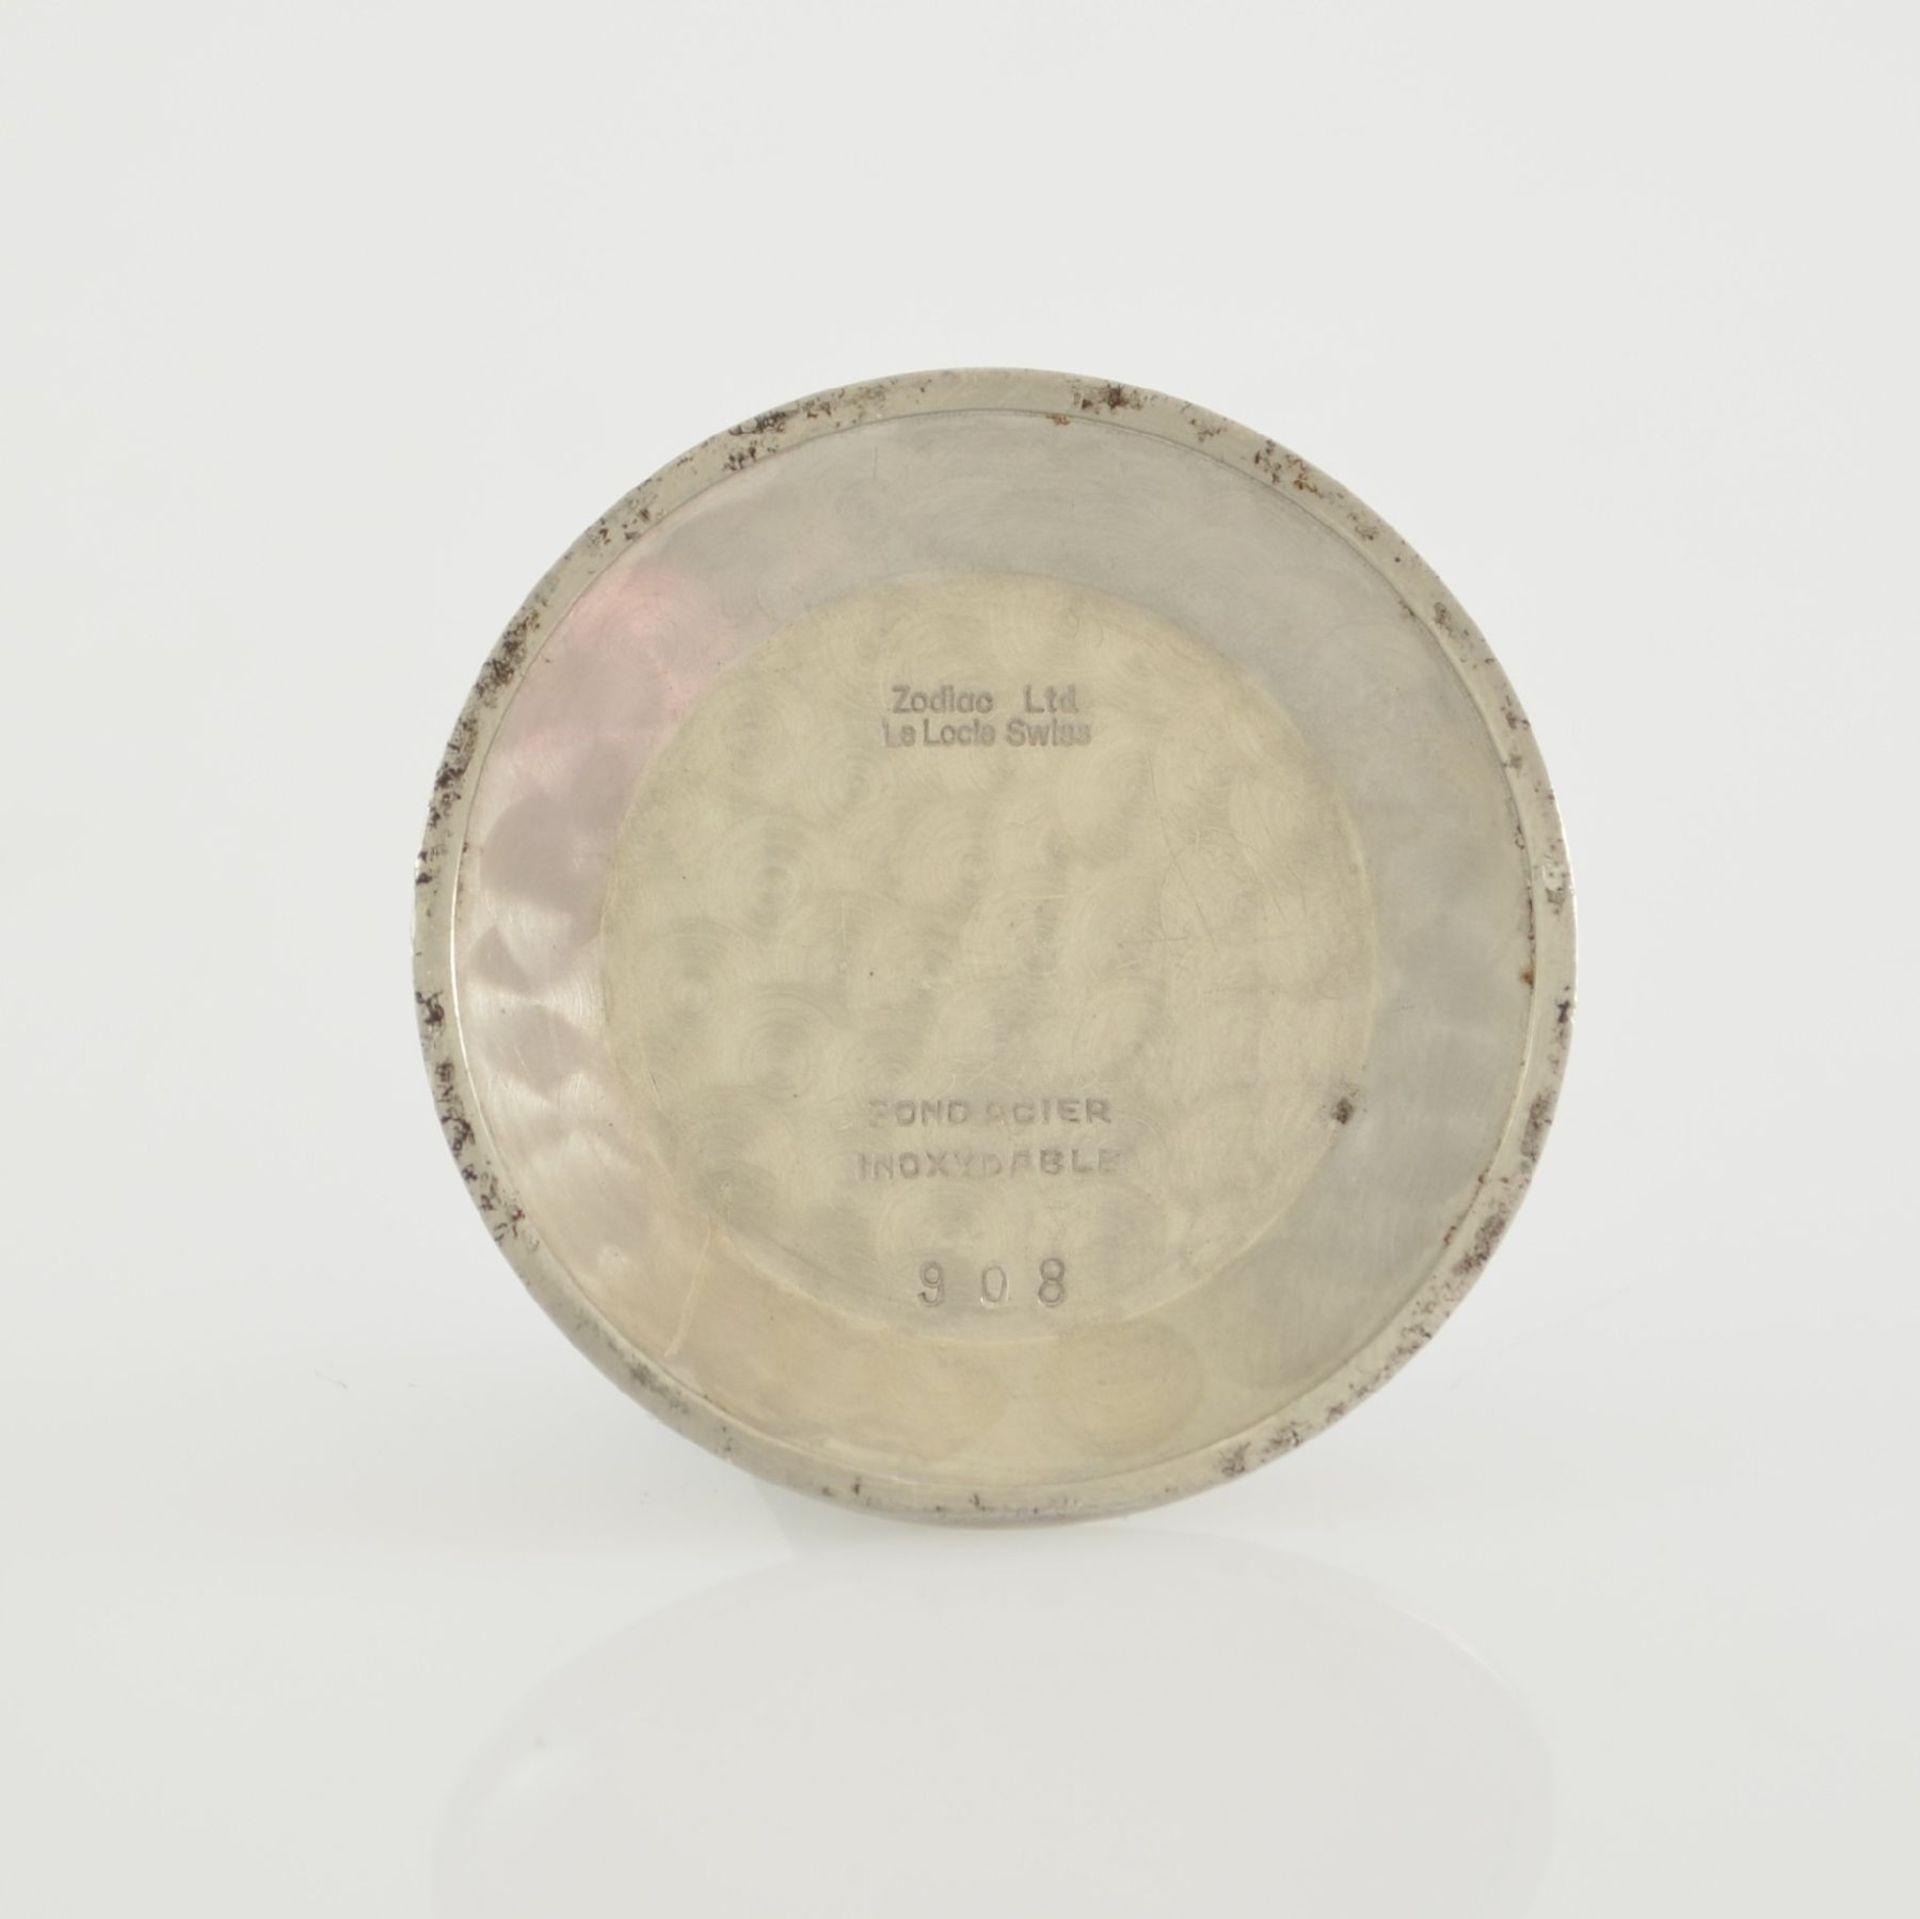 ZODIAC Herrenarmbanduhr mit Vollkalender, Schweiz um 1955, Automatik, verg. Geh., Lünette & - Bild 9 aus 9